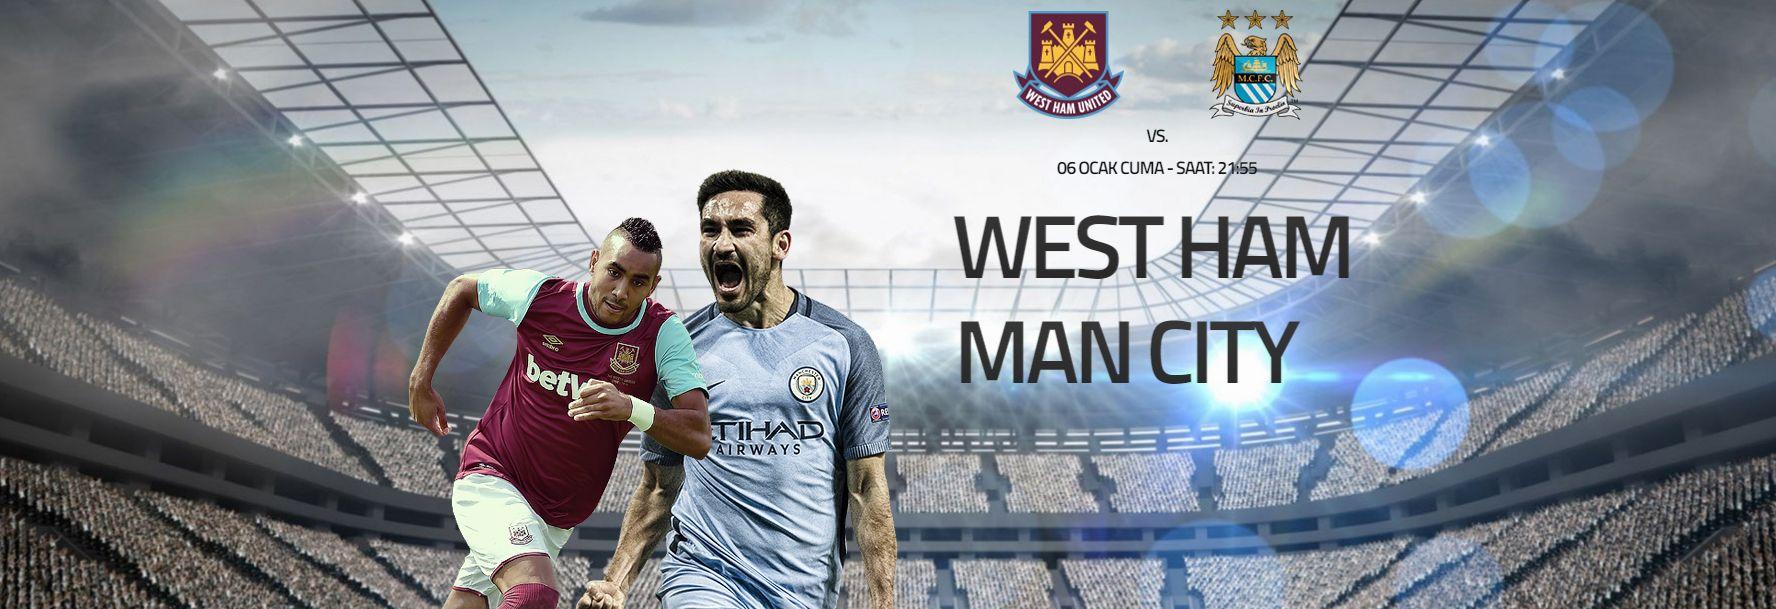 West Ham United – Manchester City İngiltere #FACup 3. turda tek maç eliminasyon sistemi ile oynanan maçlarda beraberlik olması ile avantaj deplasman takımın sahasına düşüyor. #WestHamUnited sahasında konuk edeceği #ManchesterCity'e karşı bu avantajı ile galibiyet arayacak. Bu zorlu mücadele'de #Enyüksekbahisoranları ve #Canlıbahis seçeneklerimiz #Betend'de sizlere. West Ham United (4,70) – Beraberlik (3,90) – Manchester City (1,60) Bugün: 22.55 http://betend60.com